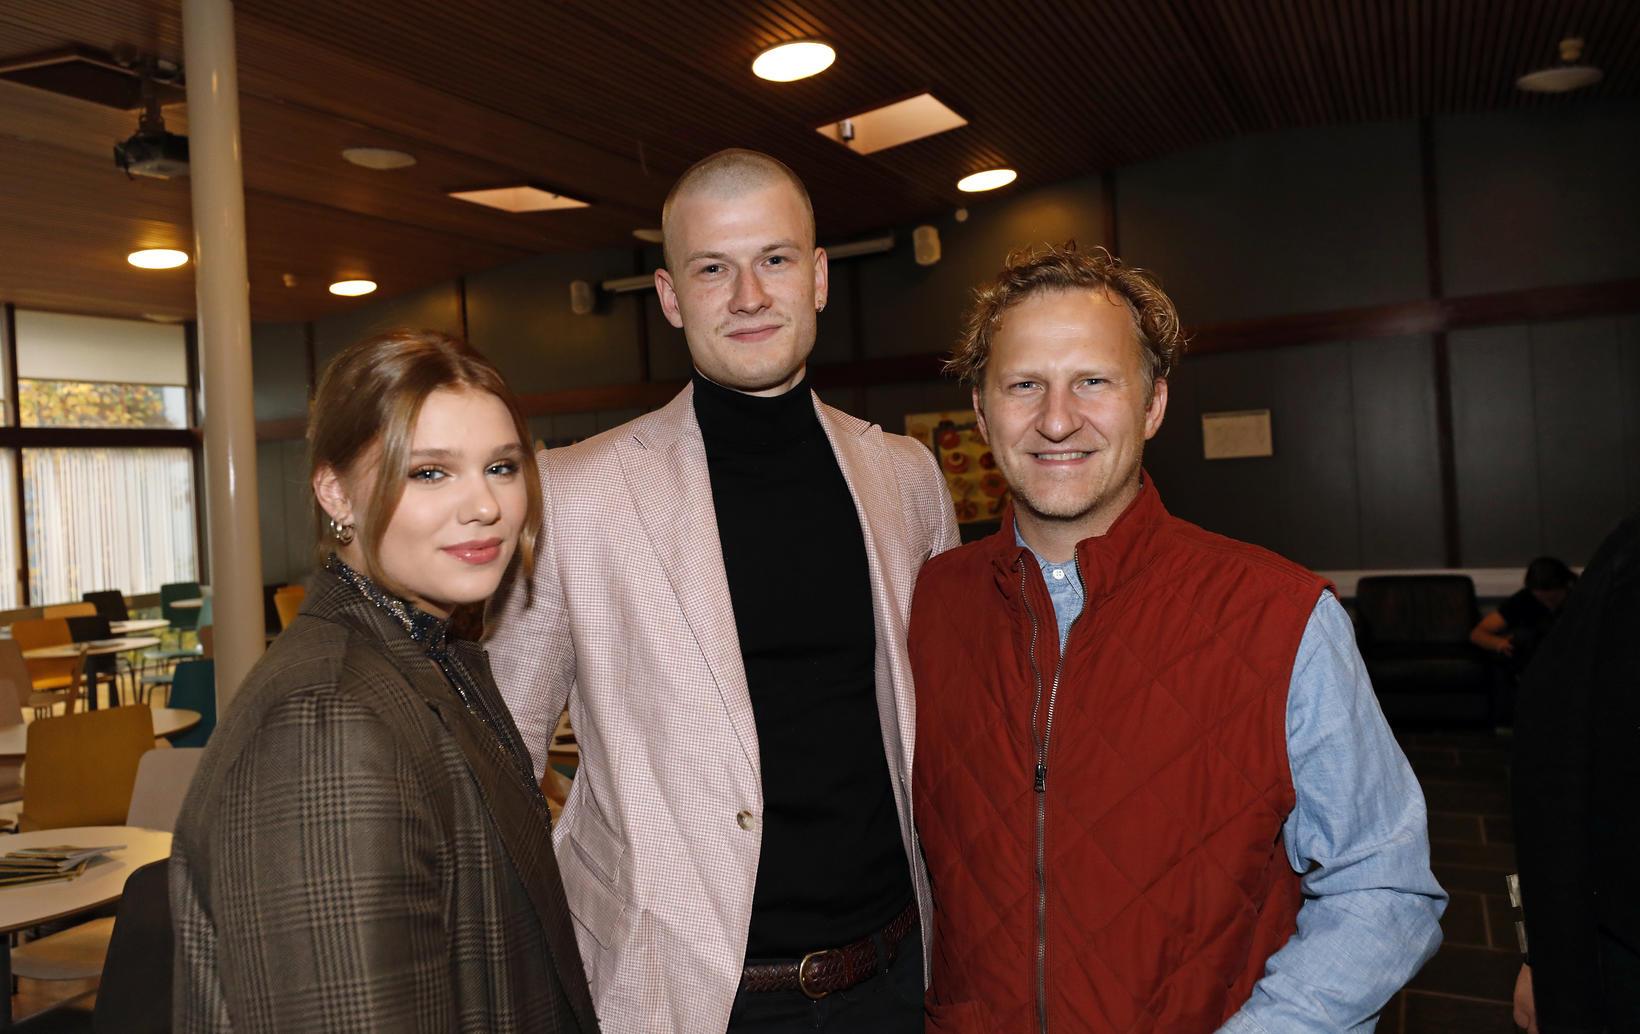 Þórunn Birna Guðmundsdóttir, Alexander Sær Elfarsson og Karl Ágúst Guðmundsson.